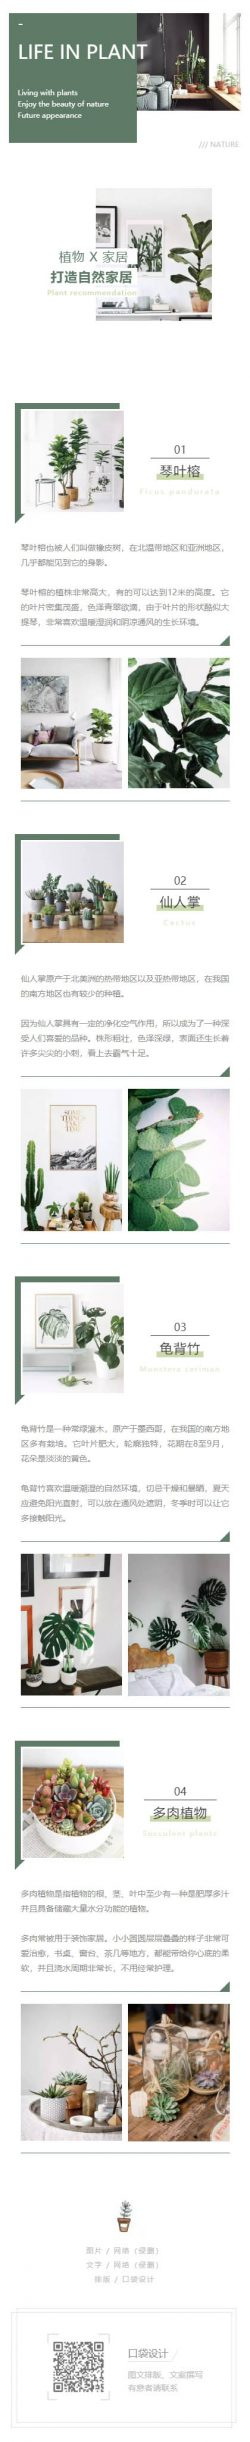 植物家居打造自然家居绿色风格模板